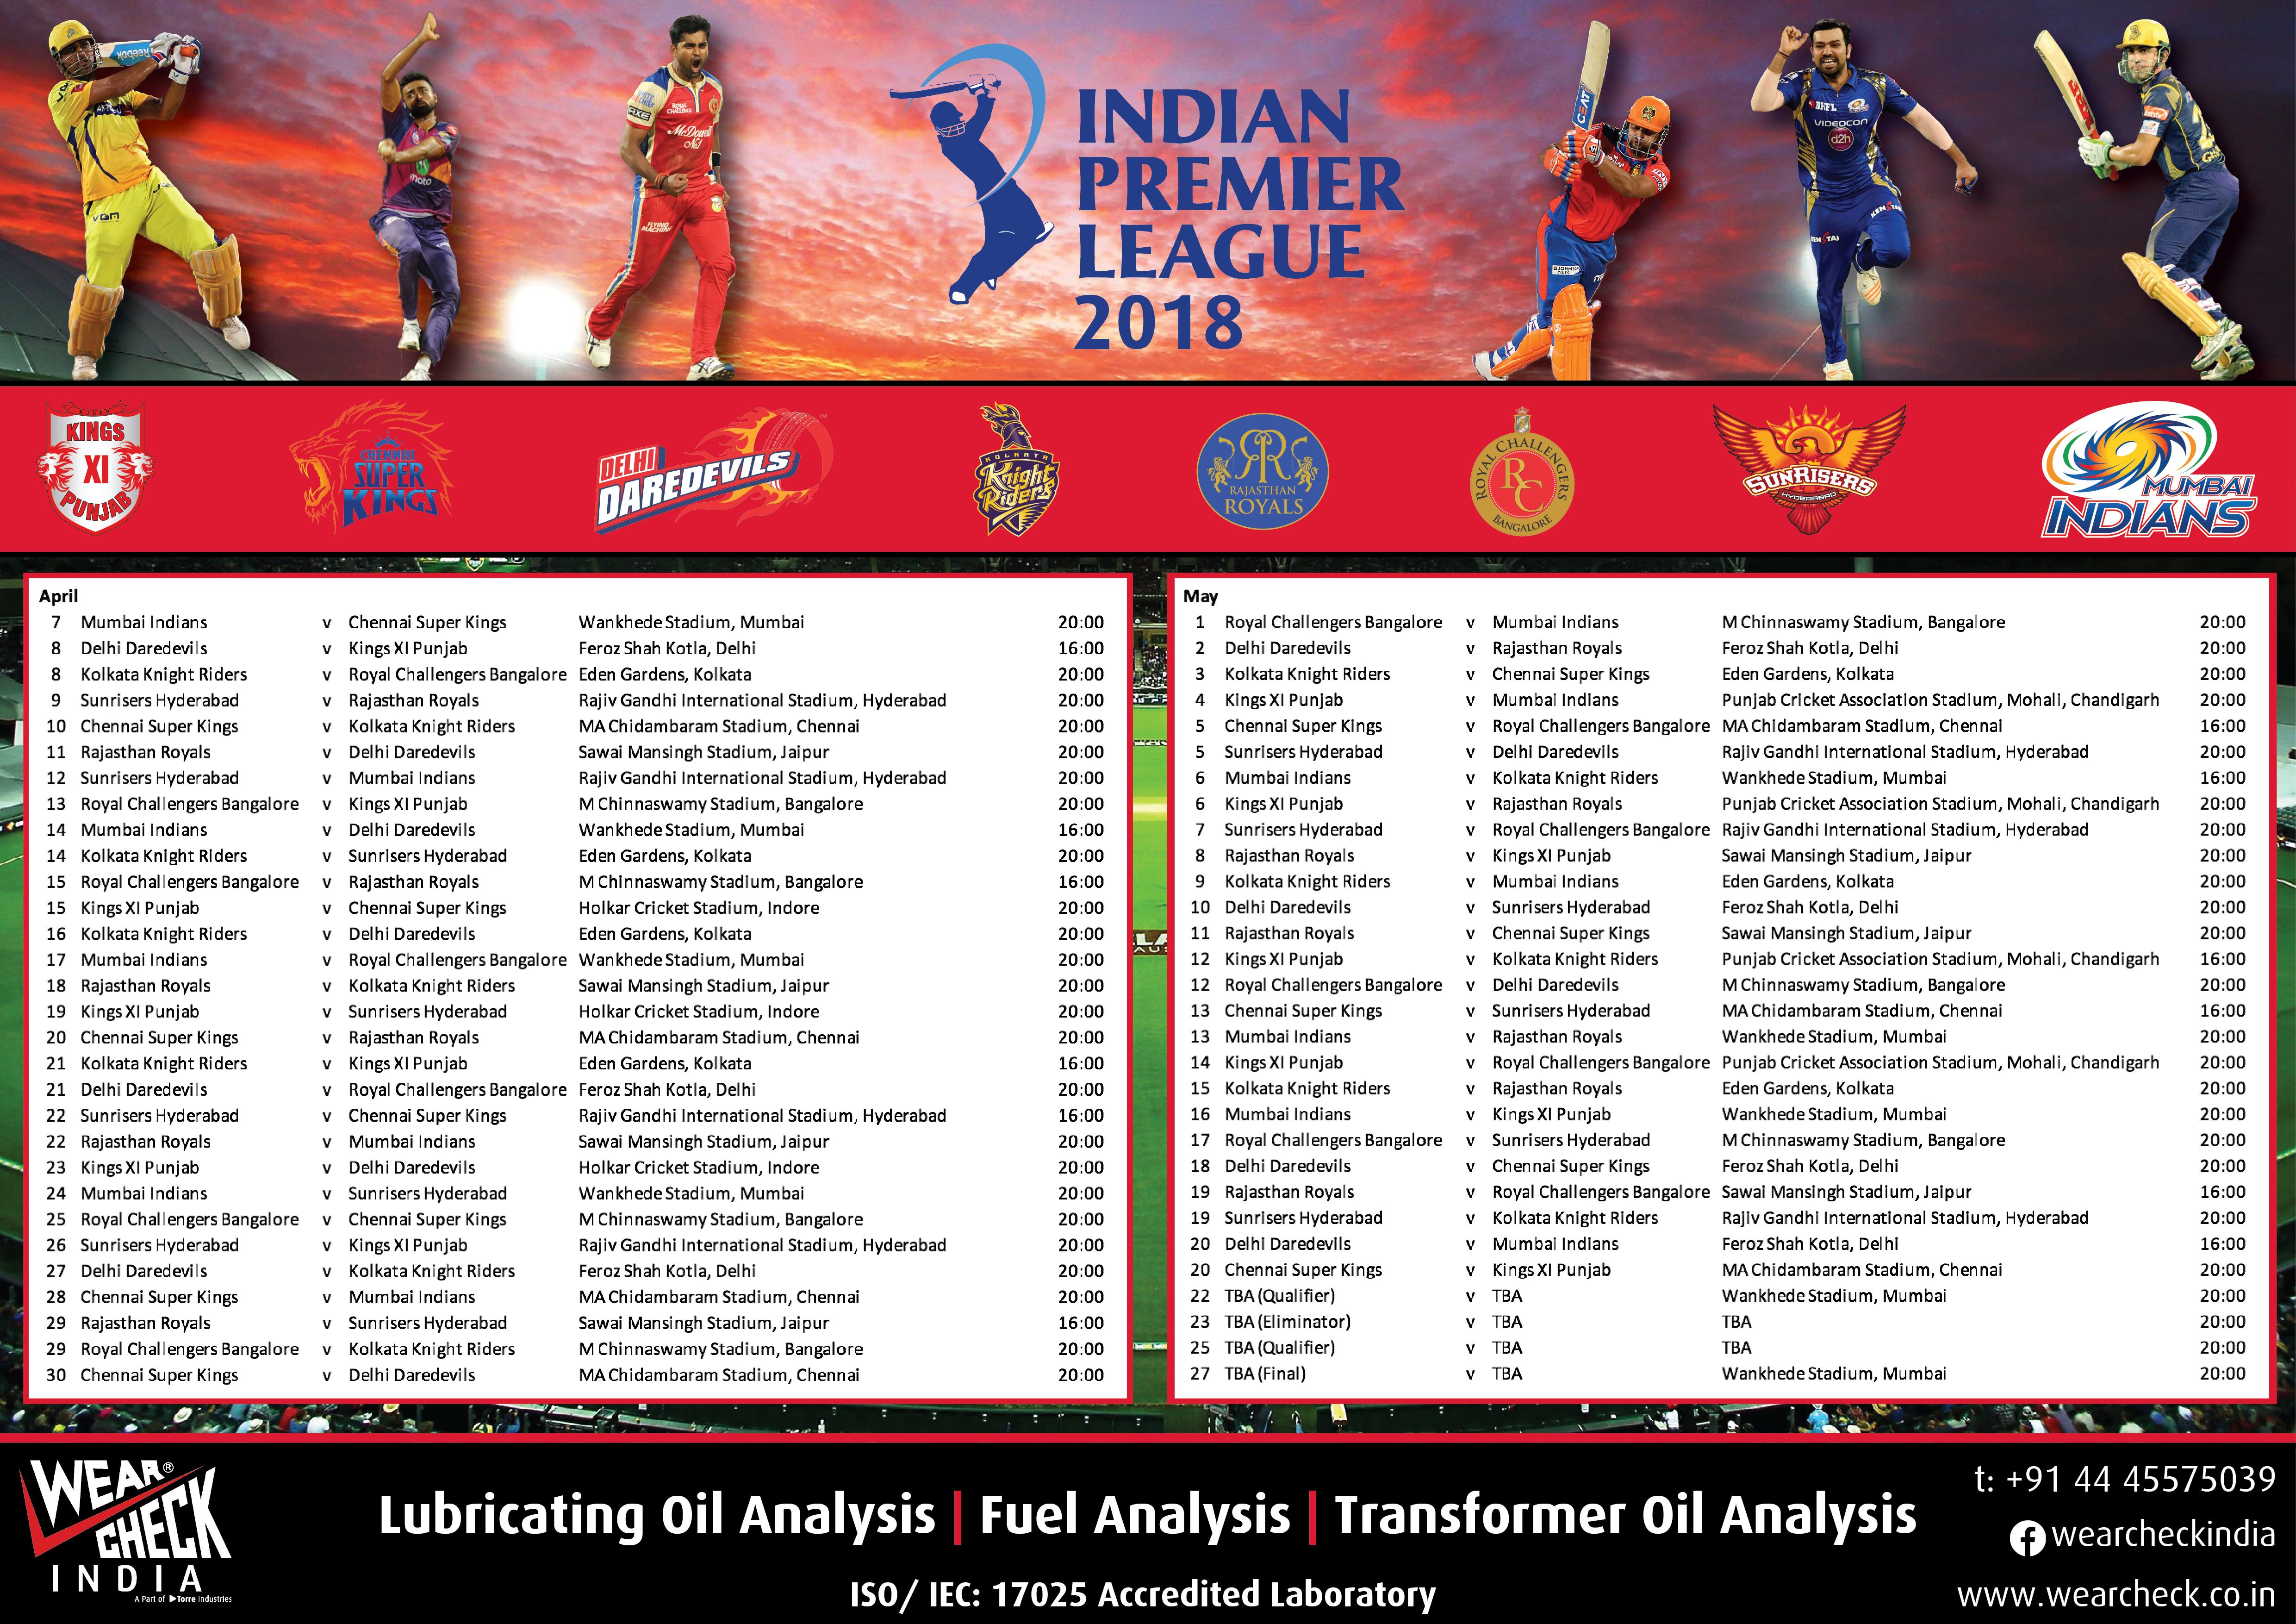 IPL 2018 Fixtures